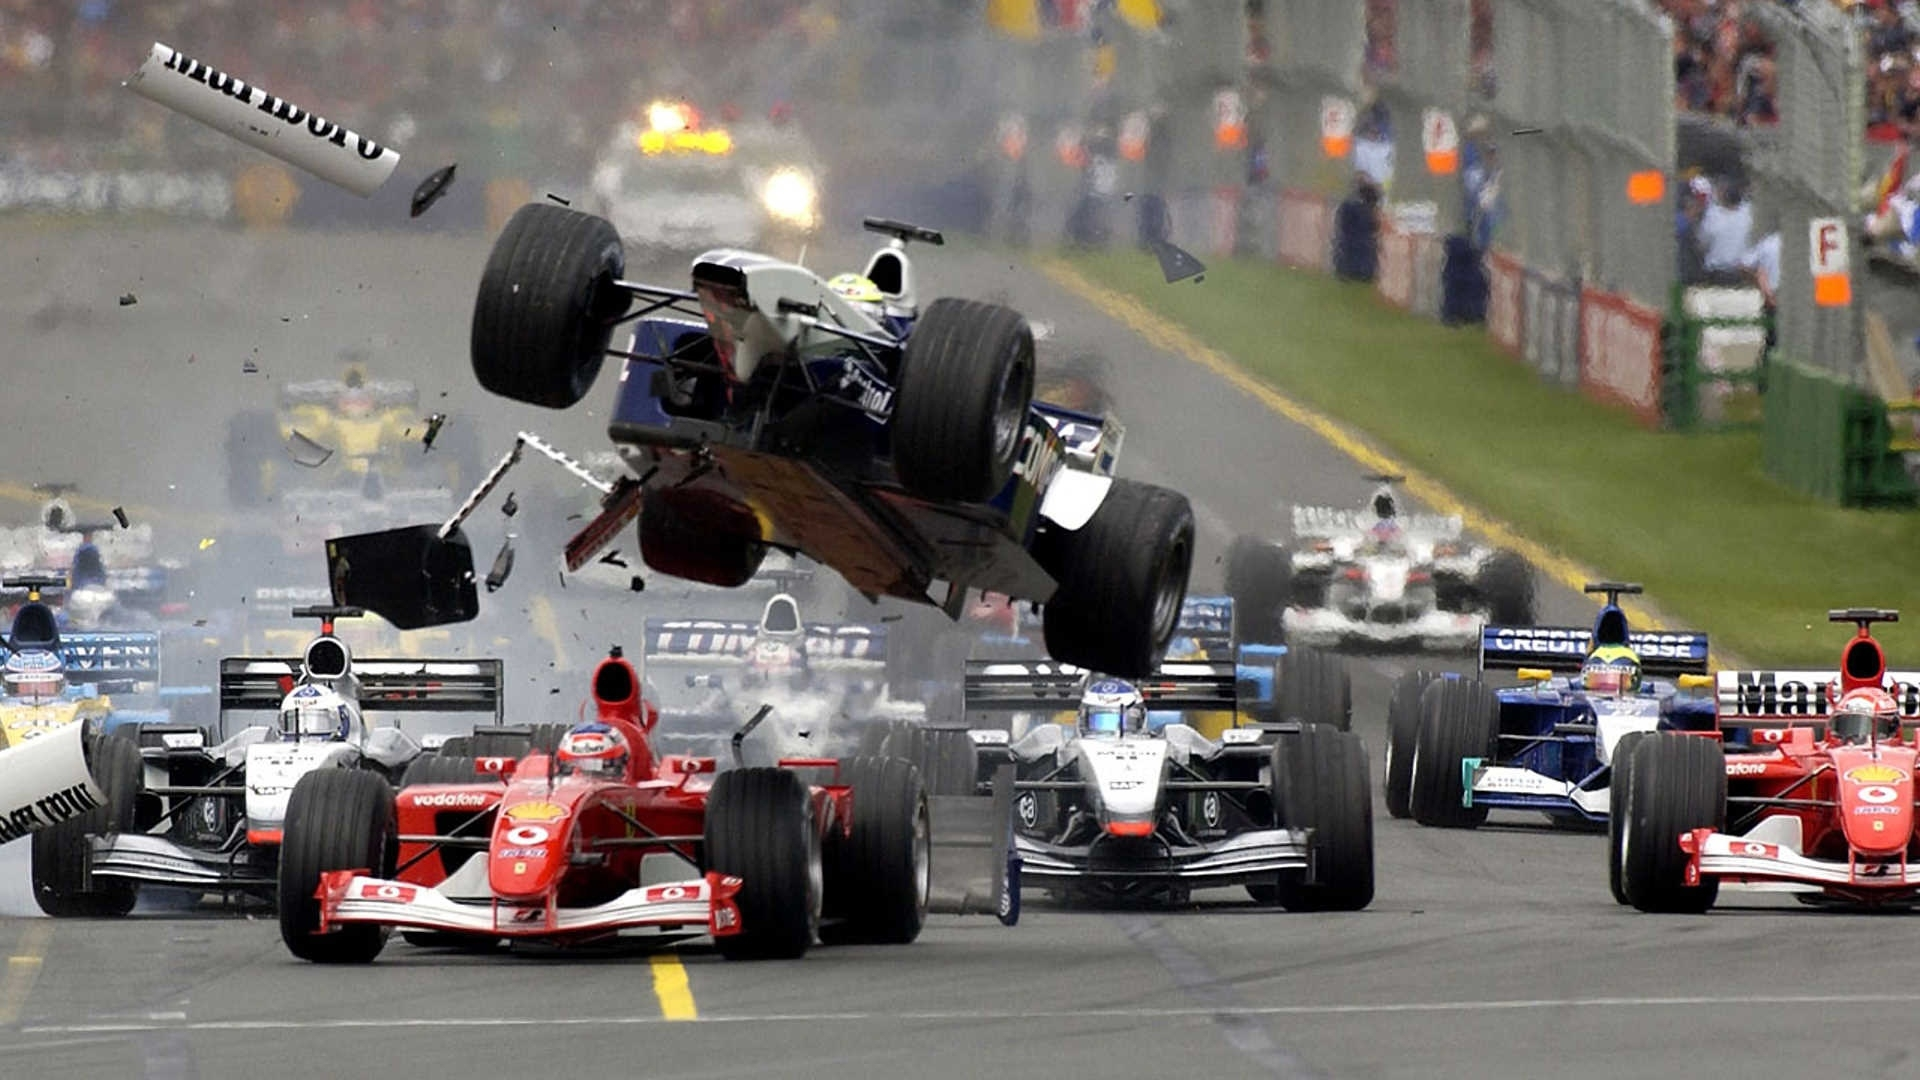 33747 скачать обои Спорт, Транспорт, Машины, Гонки, Формула-1 (Formula-1, F1) - заставки и картинки бесплатно